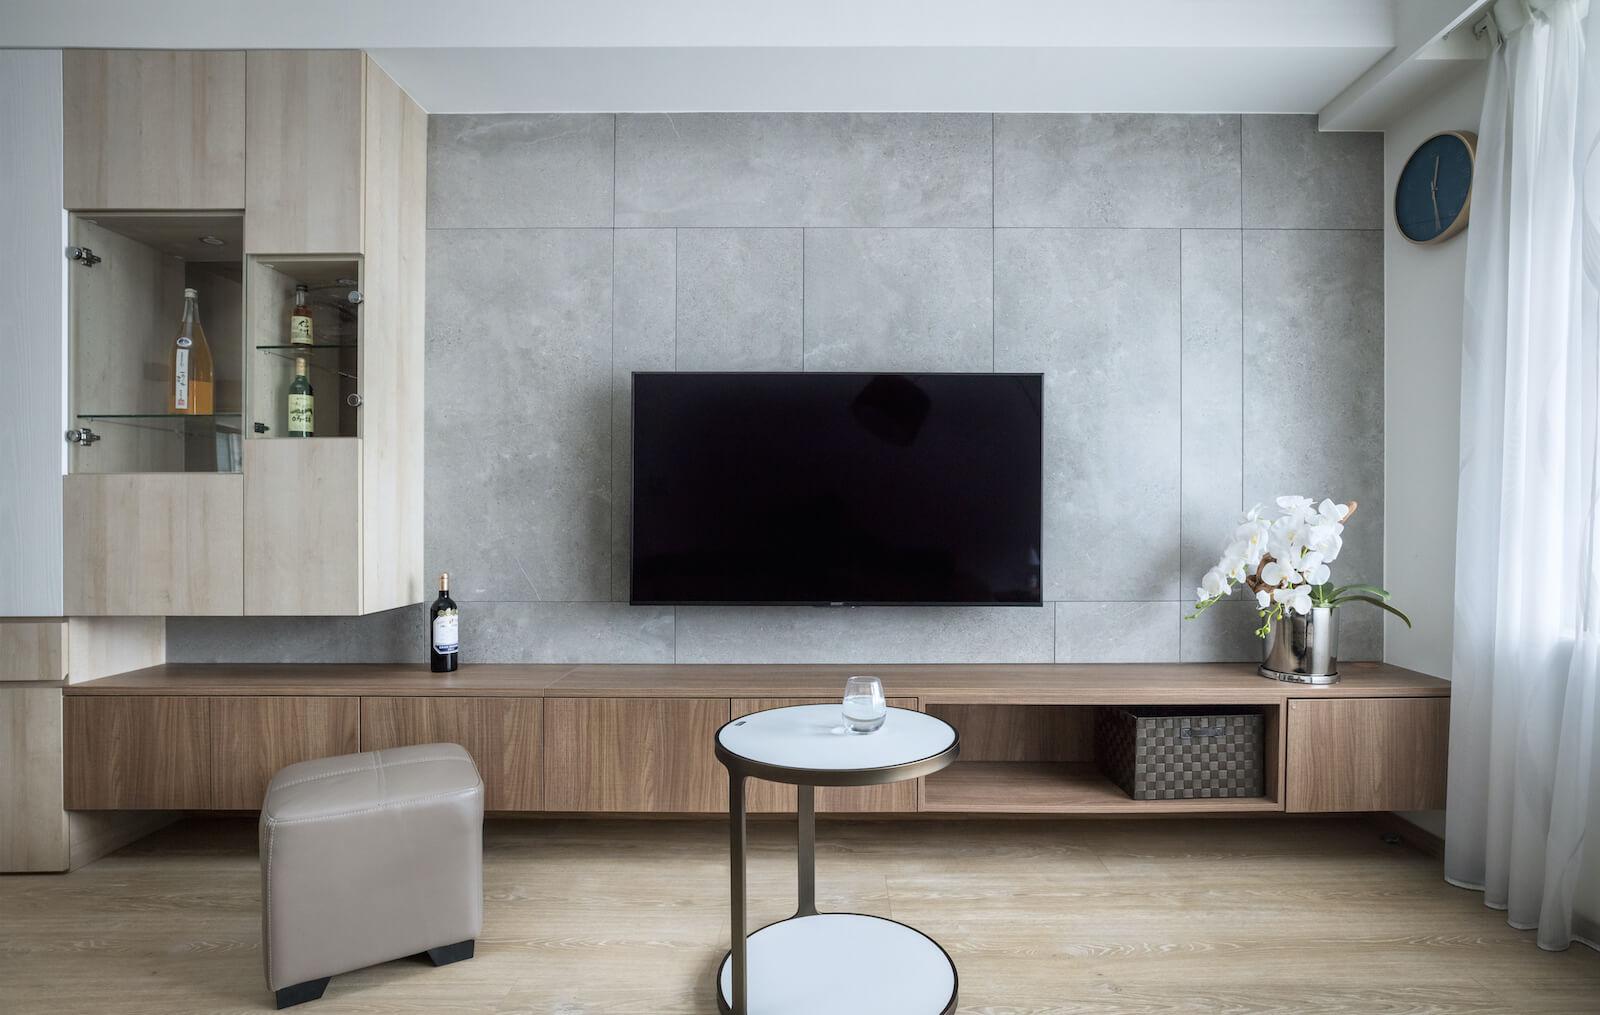 客廳電視牆以灰色磁磚拼貼,搭配深、淺色系系統櫃,成為最吸睛牆面。